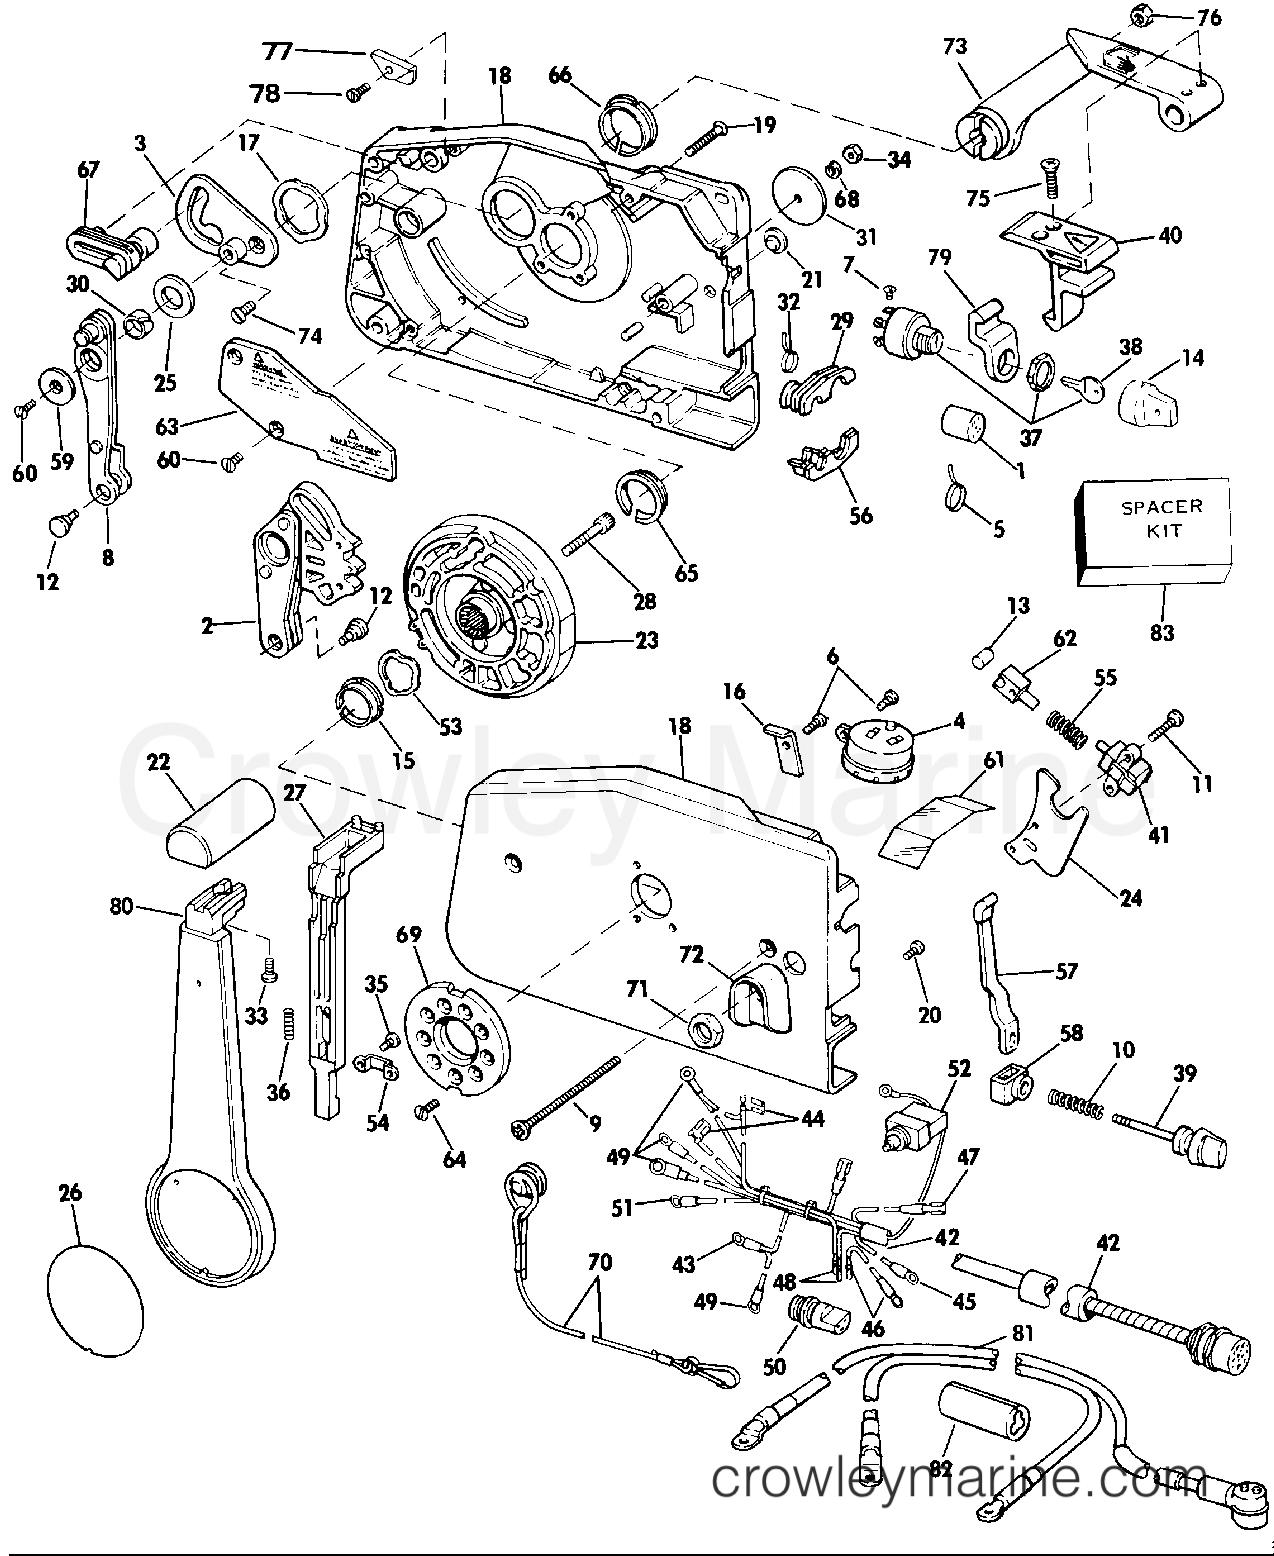 1986 Evinrude Outboards 35 - E35RCDM - REMOTE CONTROL